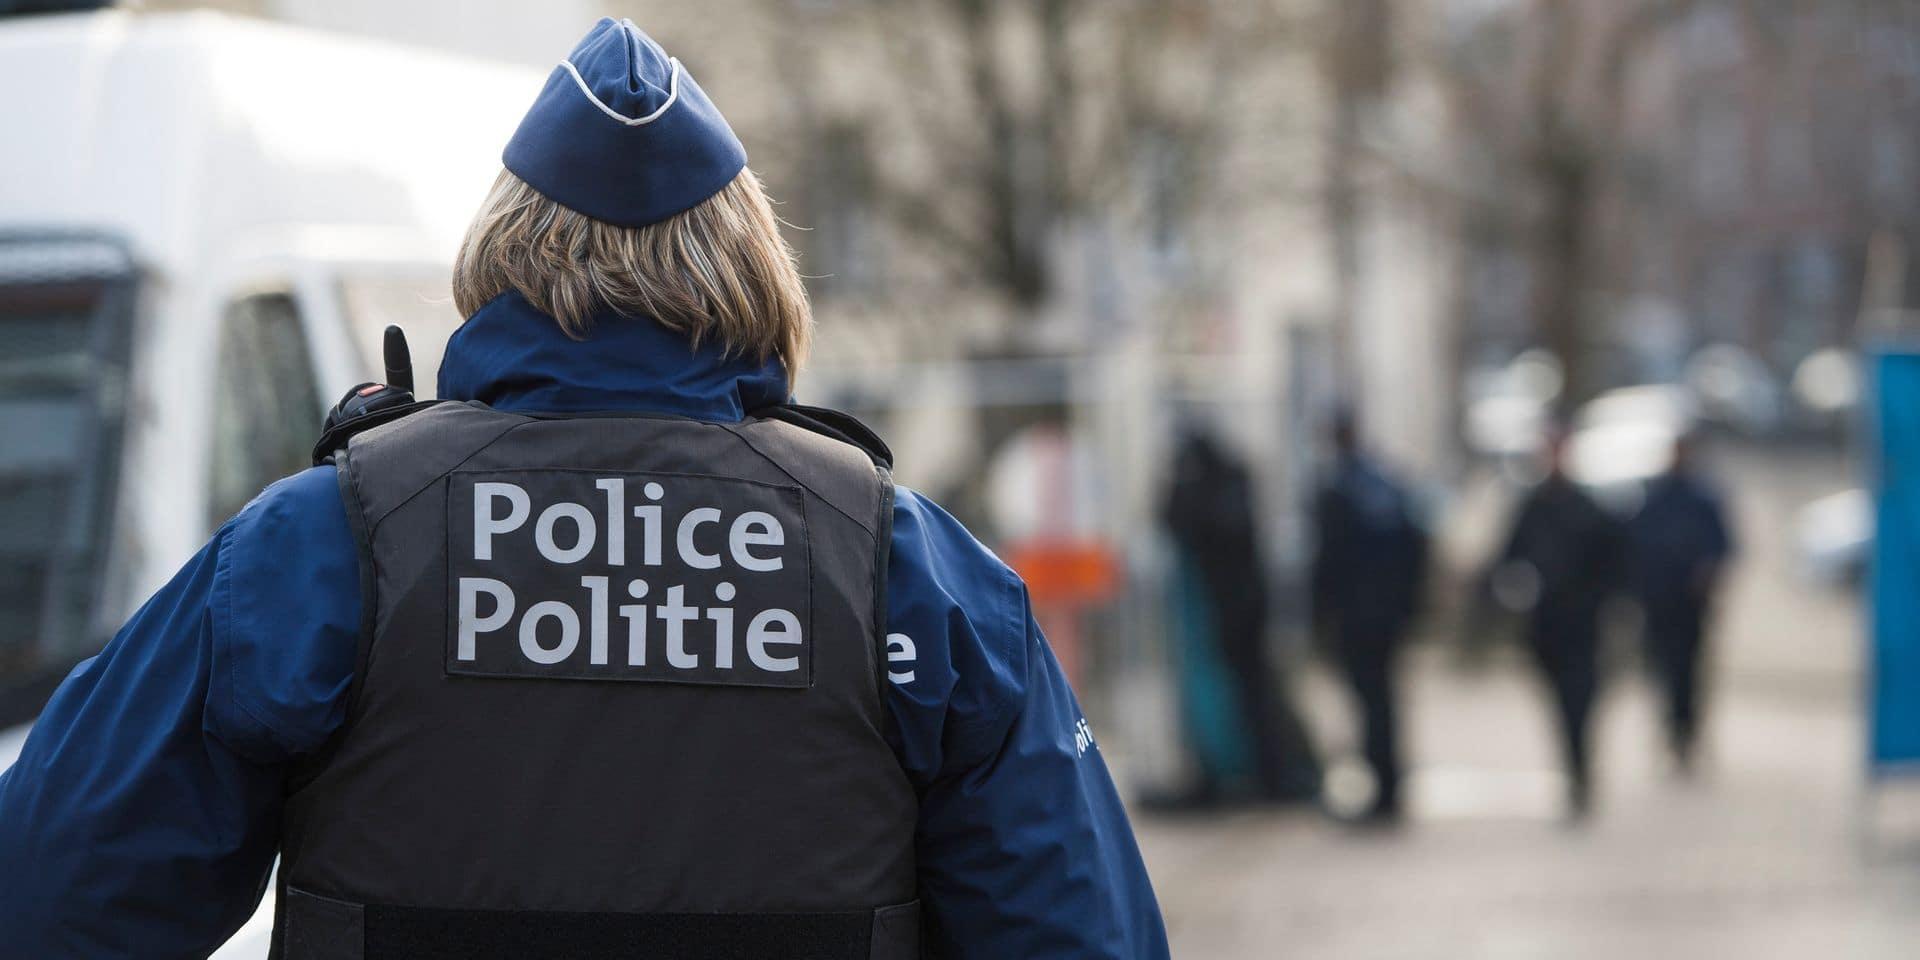 Deux policières de la zone police Midi suspendues pour une vidéo à caractère raciste